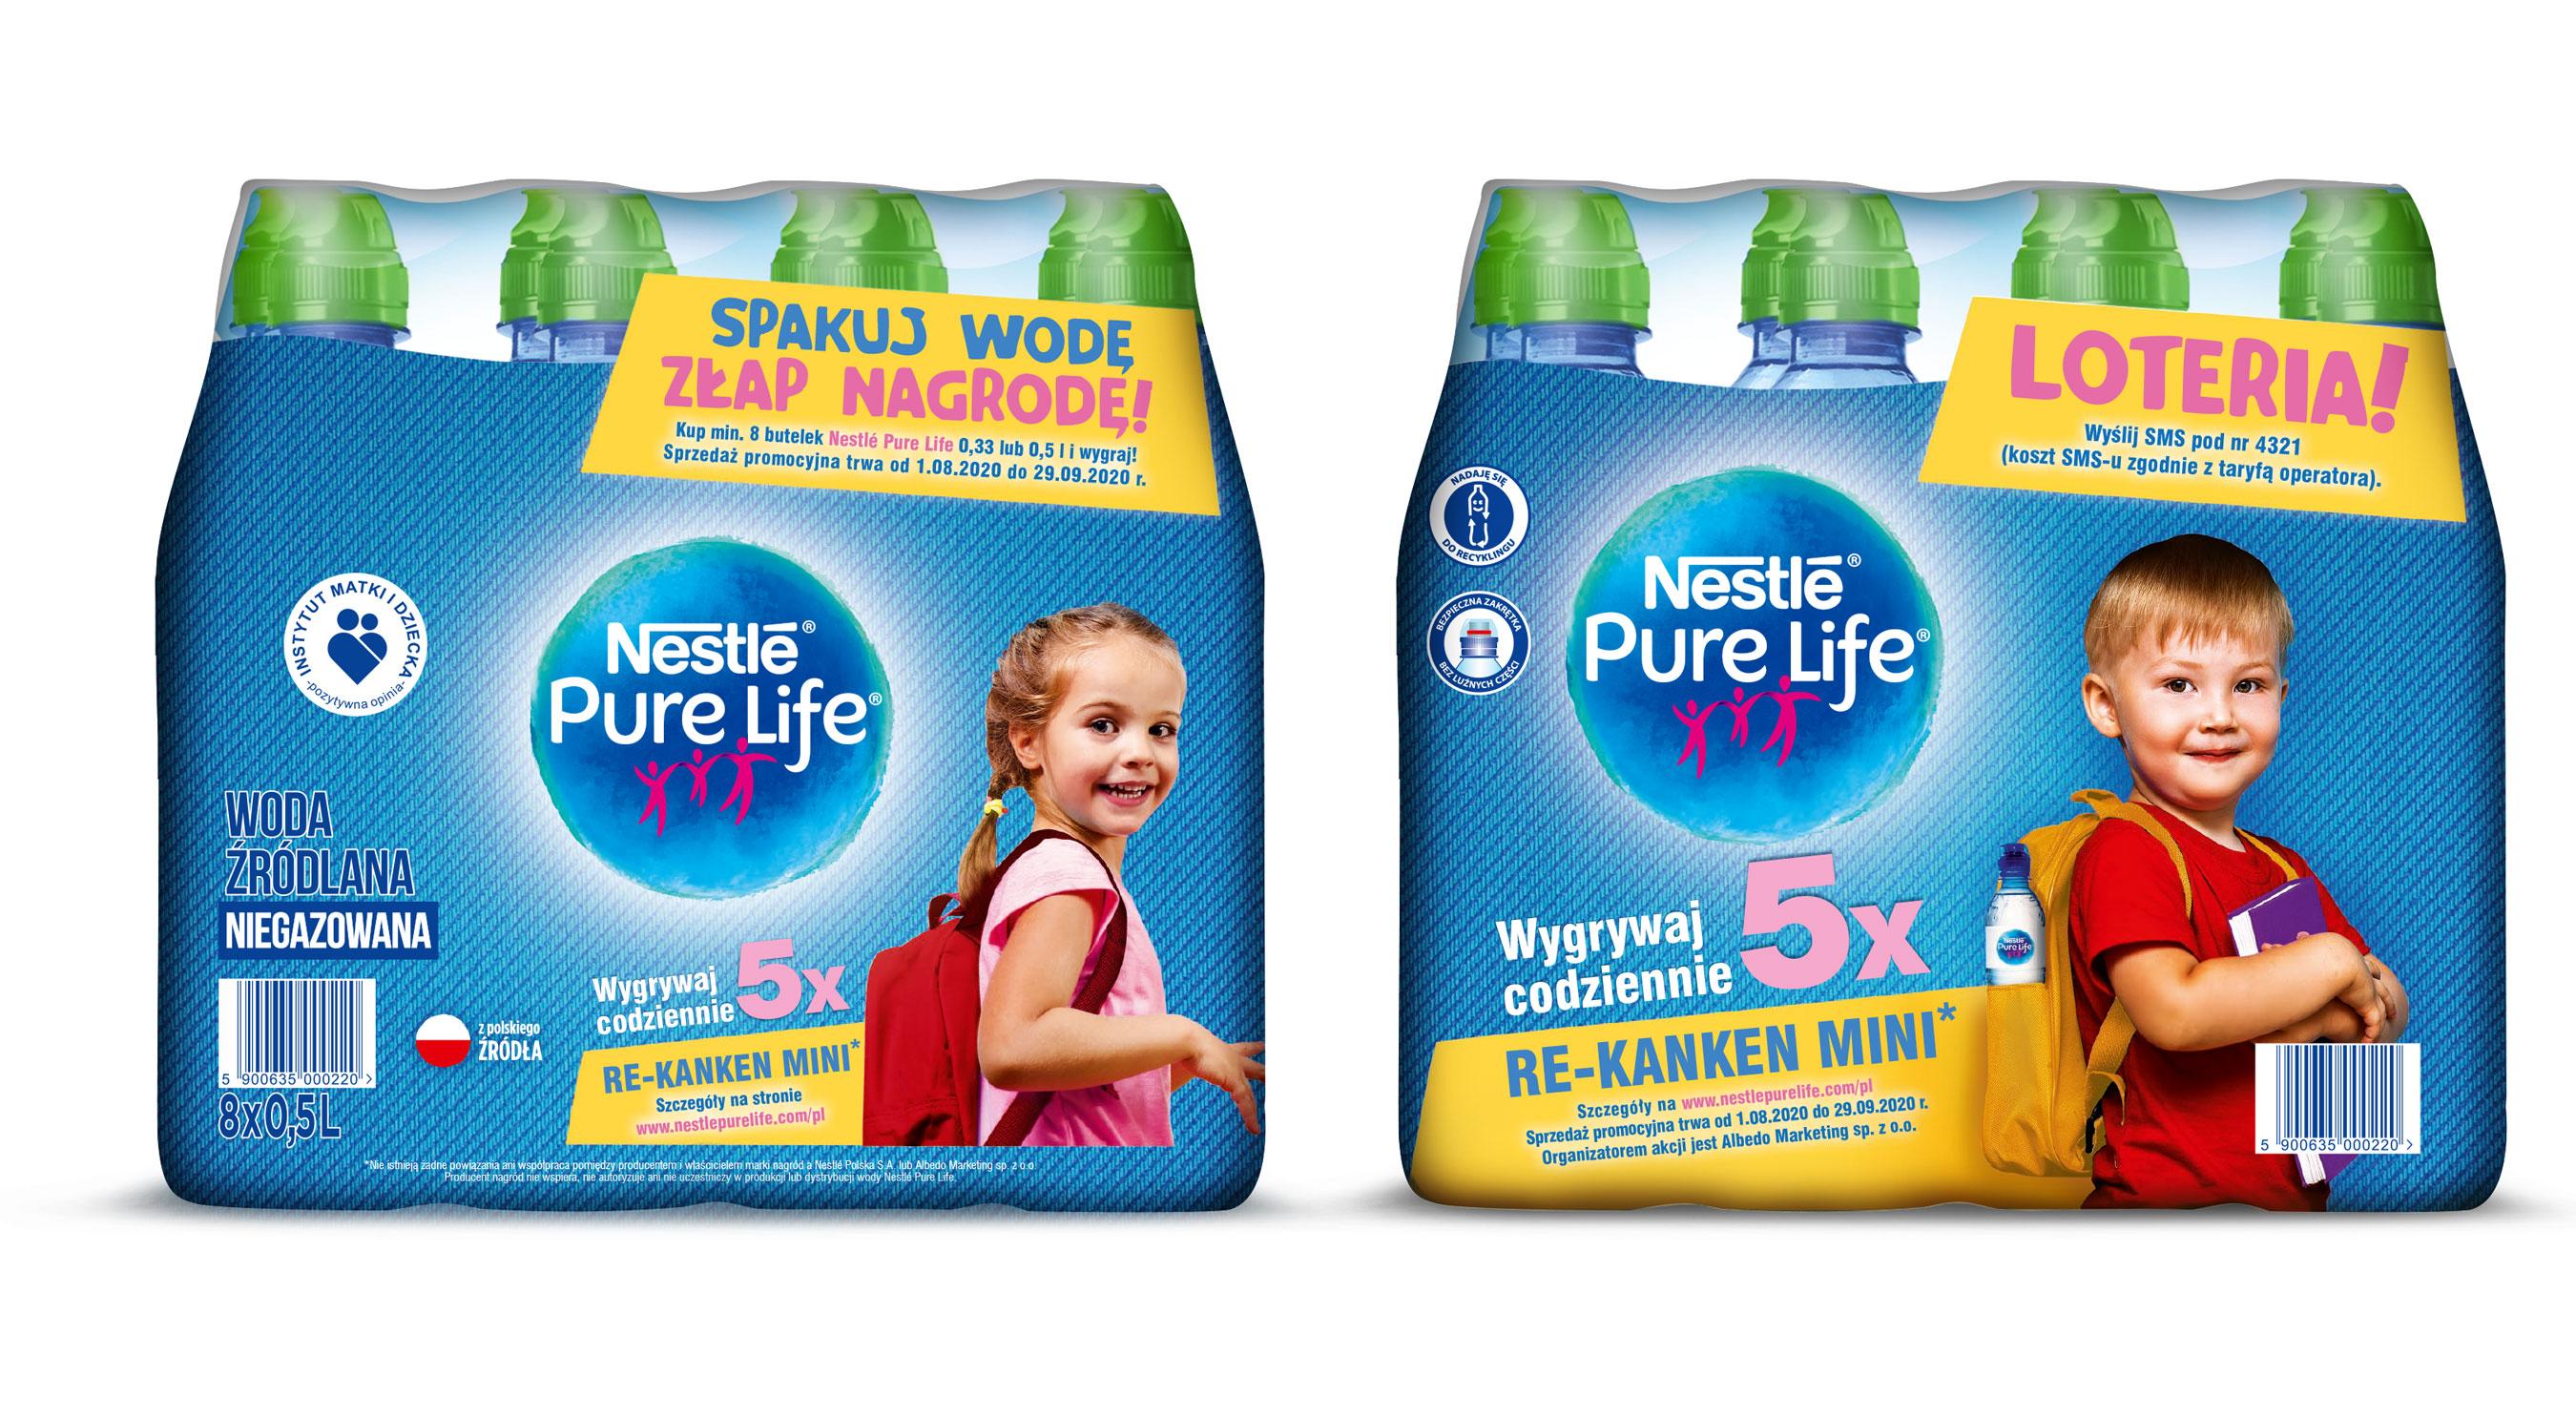 Nestlé Pure Life z loterią z plecakami z materiału z recyklingu do wygrania